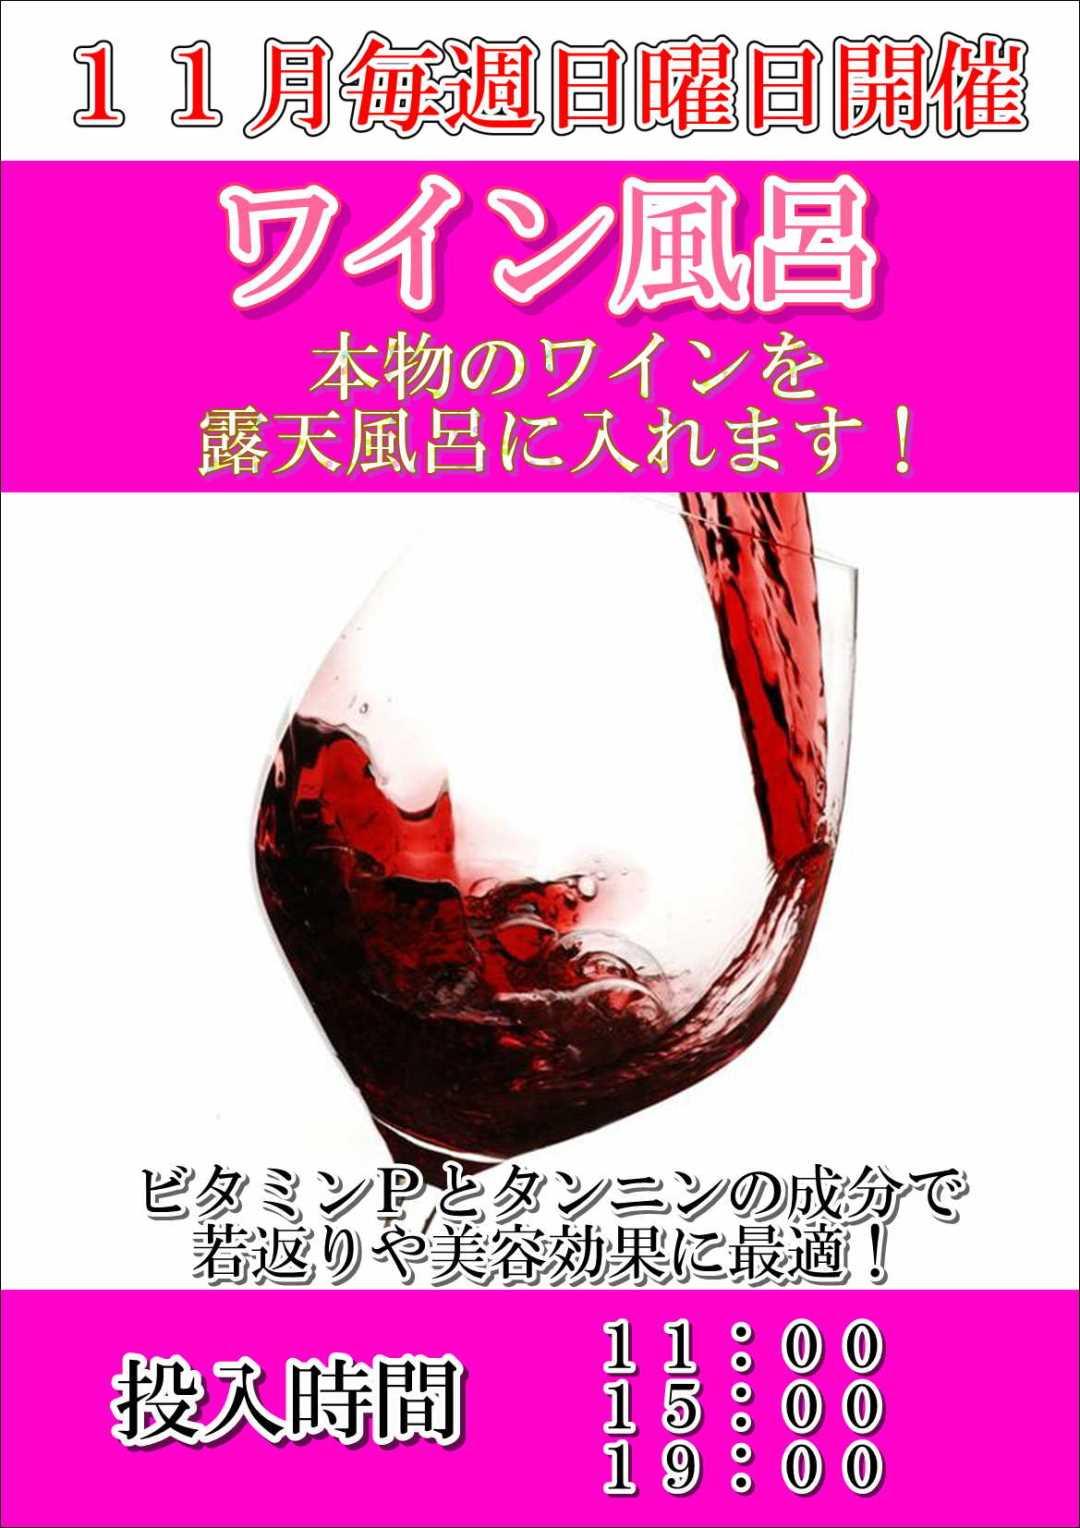 11月は大人気ワイン風呂開催!